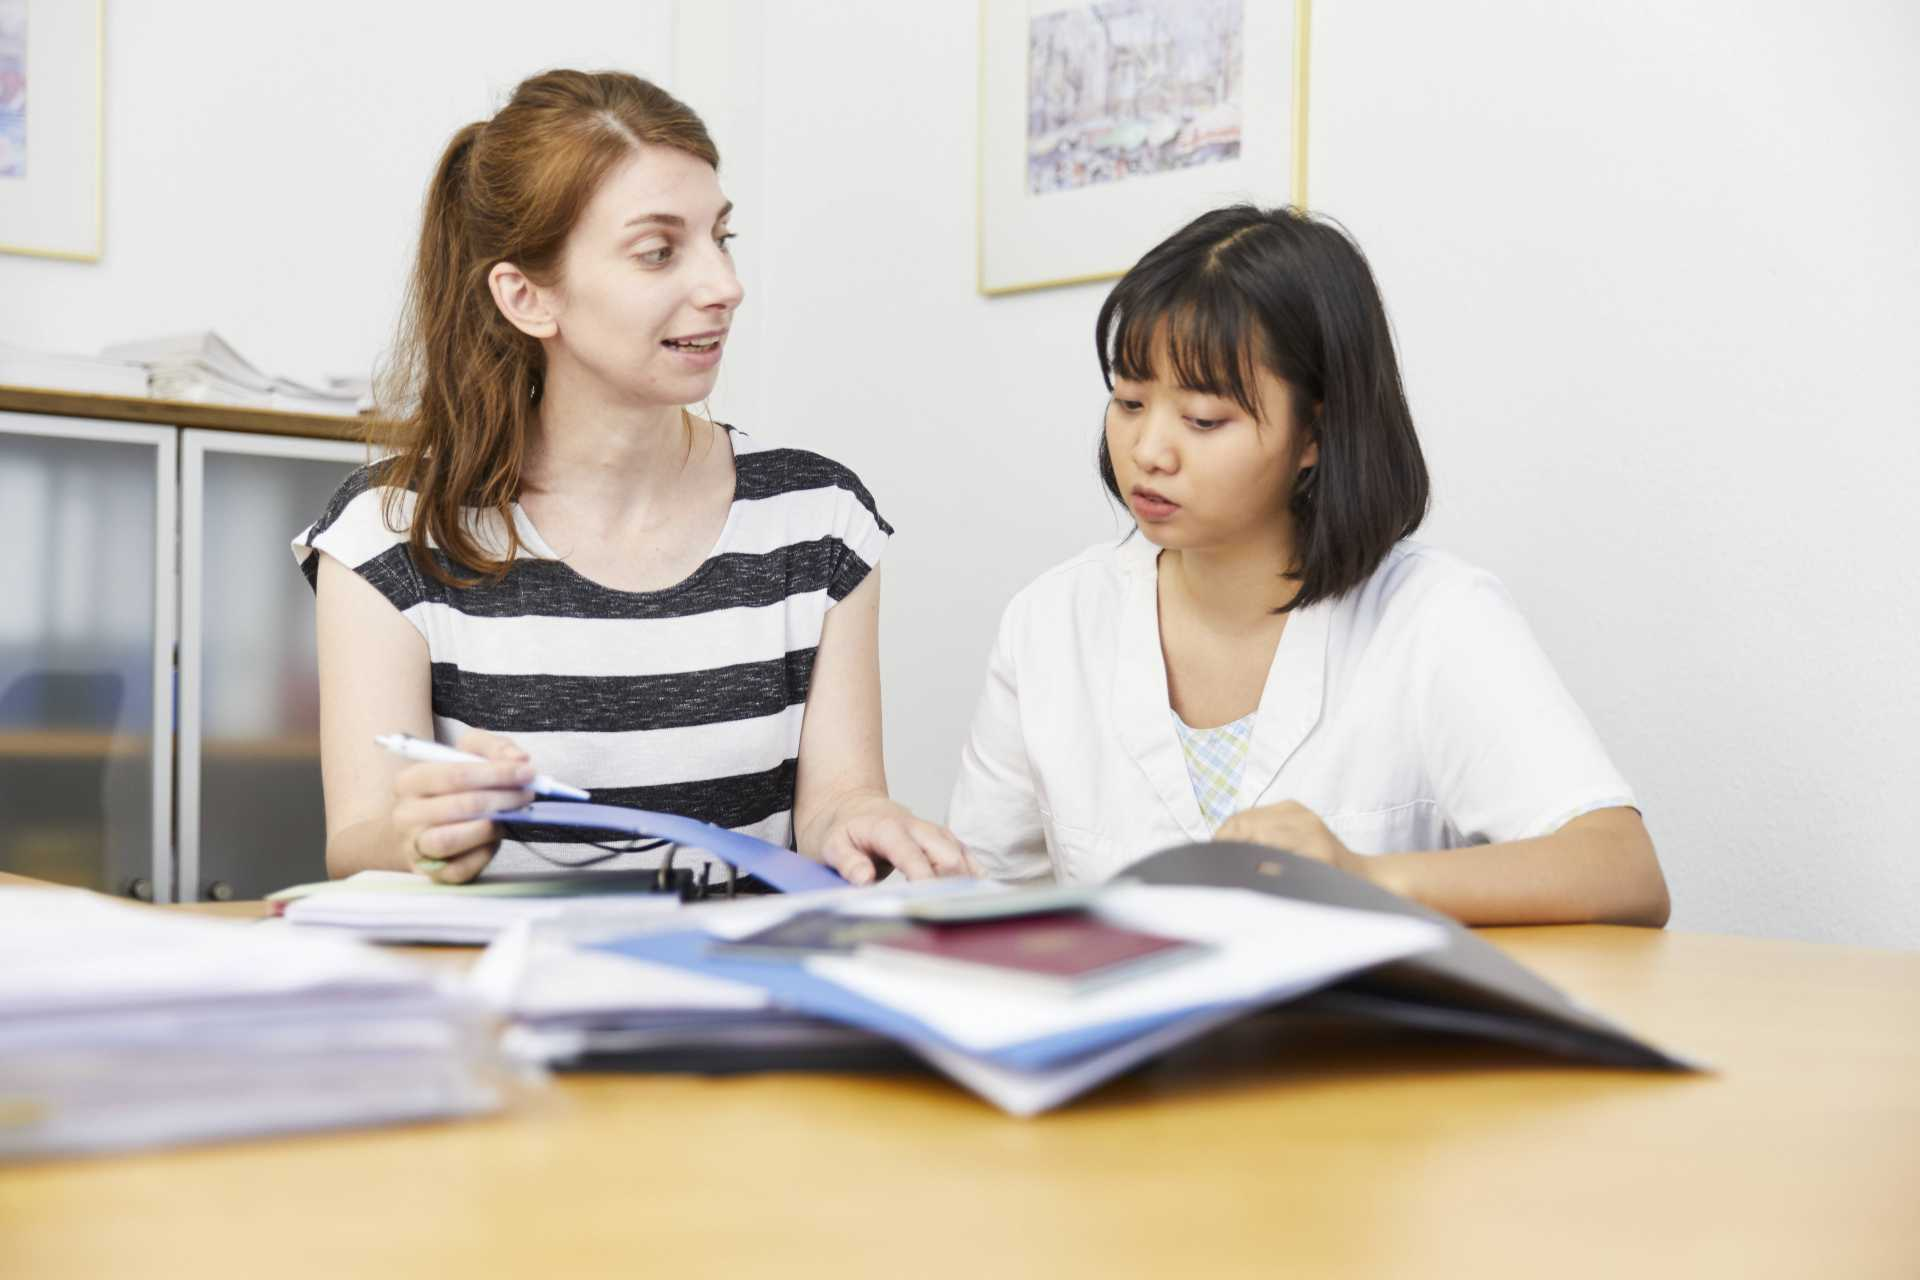 Foto: Integrationsbeauftragte und Auszubildende